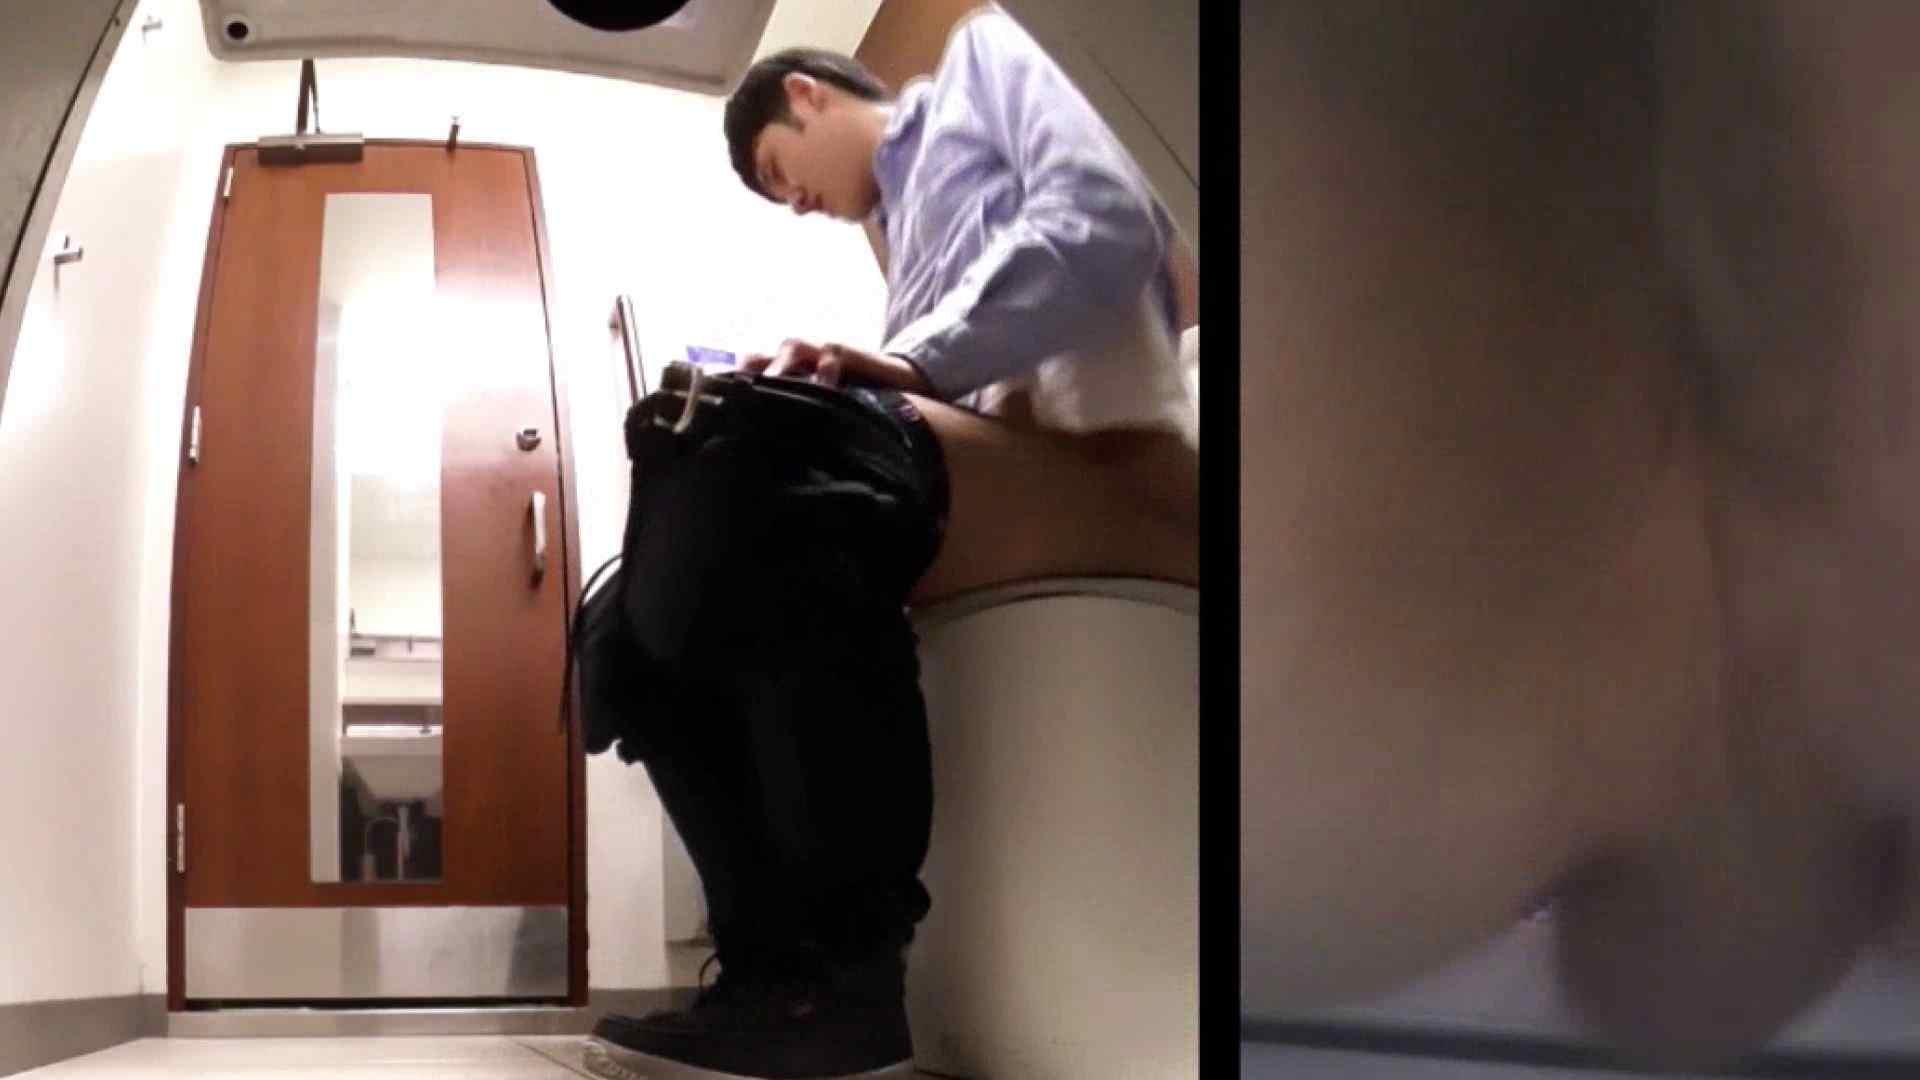 イケメンの素顔in洗面所 Vol.10 スーツ男子   イケメンのゲイ達  104枚 11